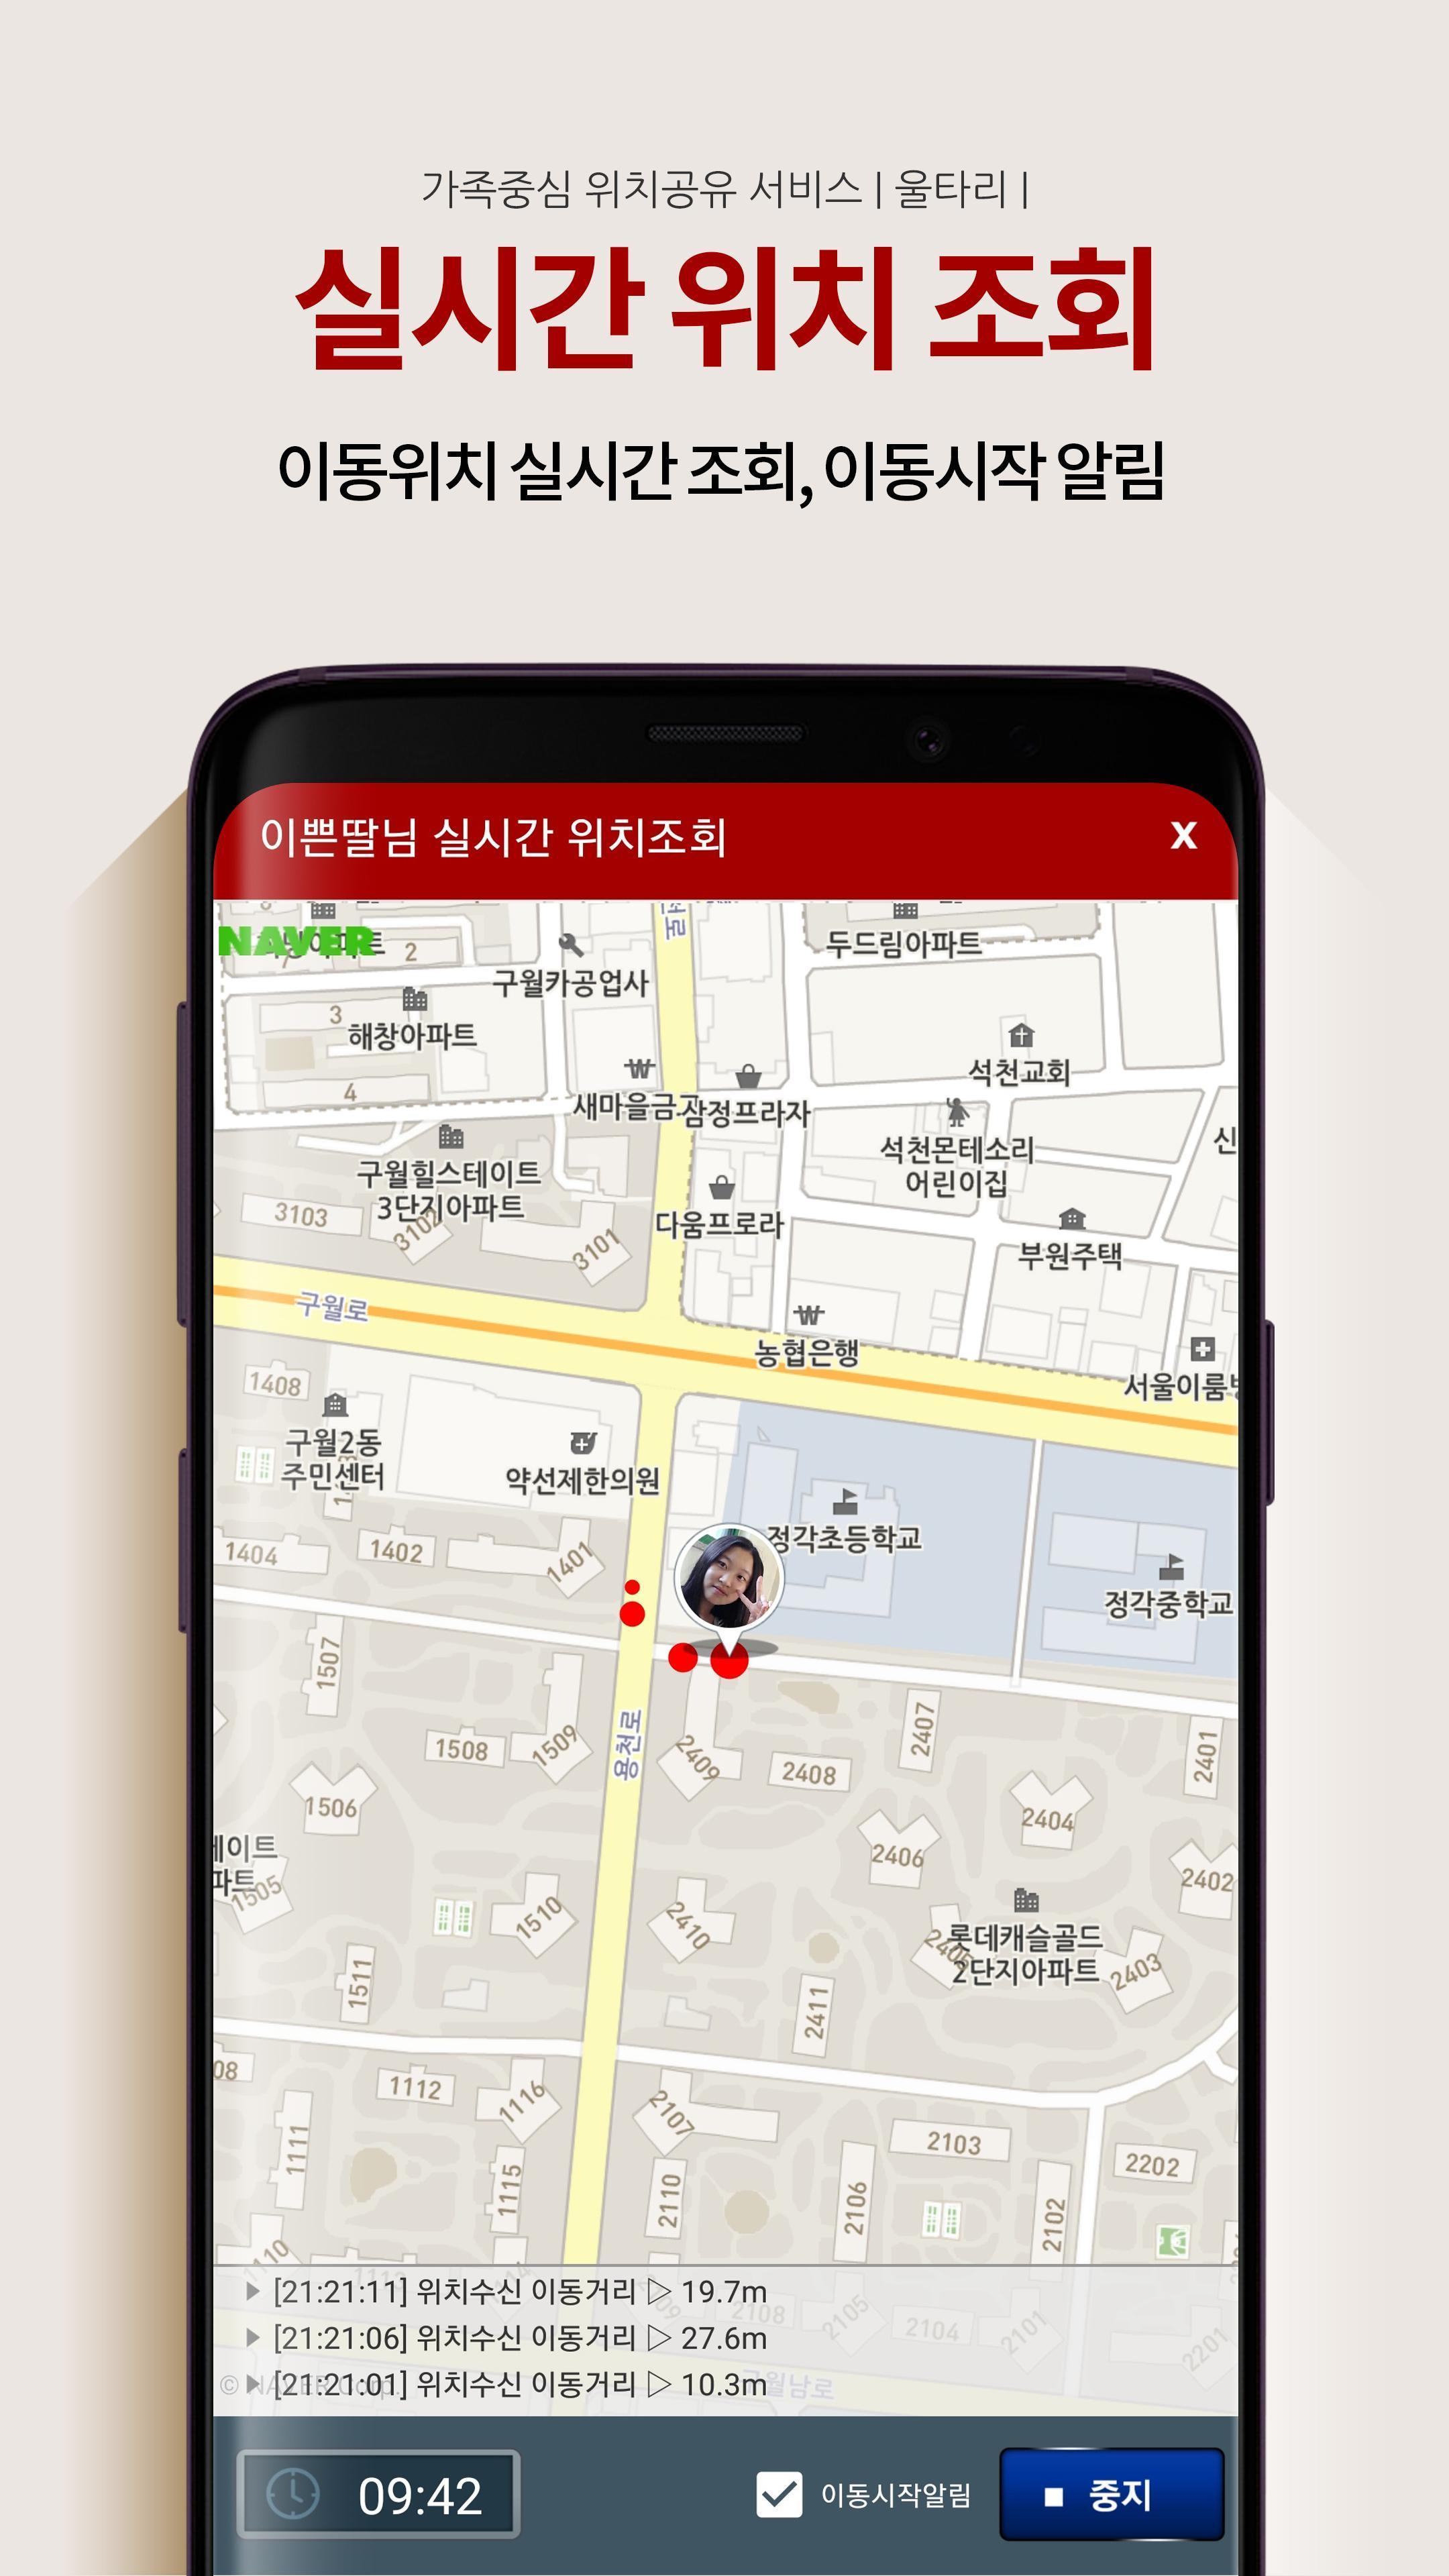 울타리 - 위치추적, 이동경로, 위치공유, 가족위치확인, 위치관제 4 تصوير الشاشة